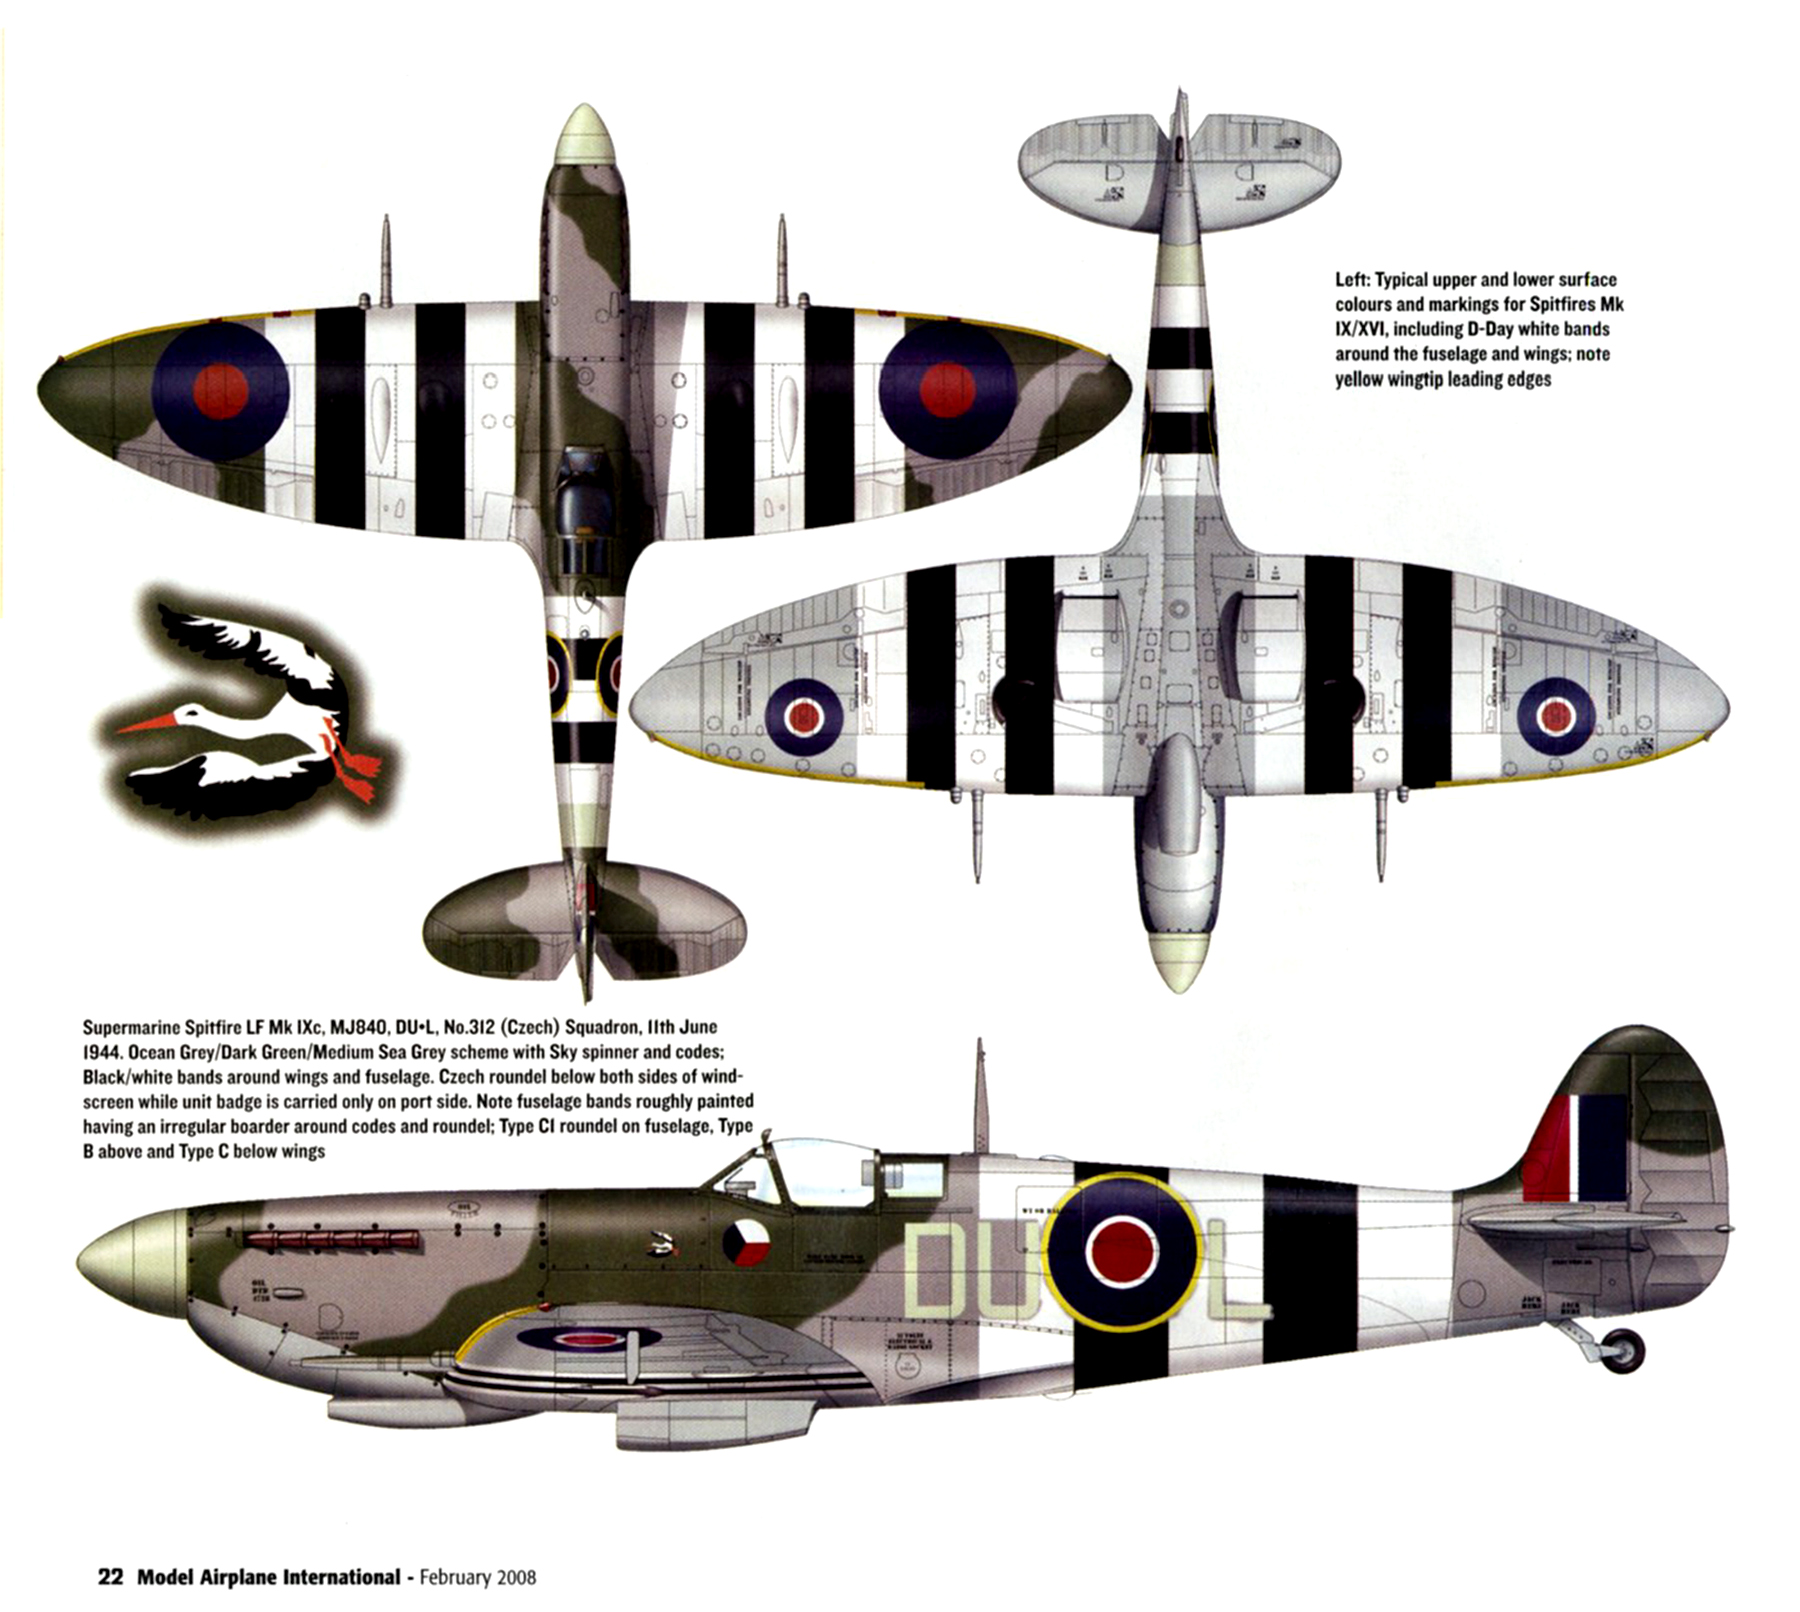 Spitfire LFIX RAF 312Sqn DUL MJ840 11th June 1944 0B